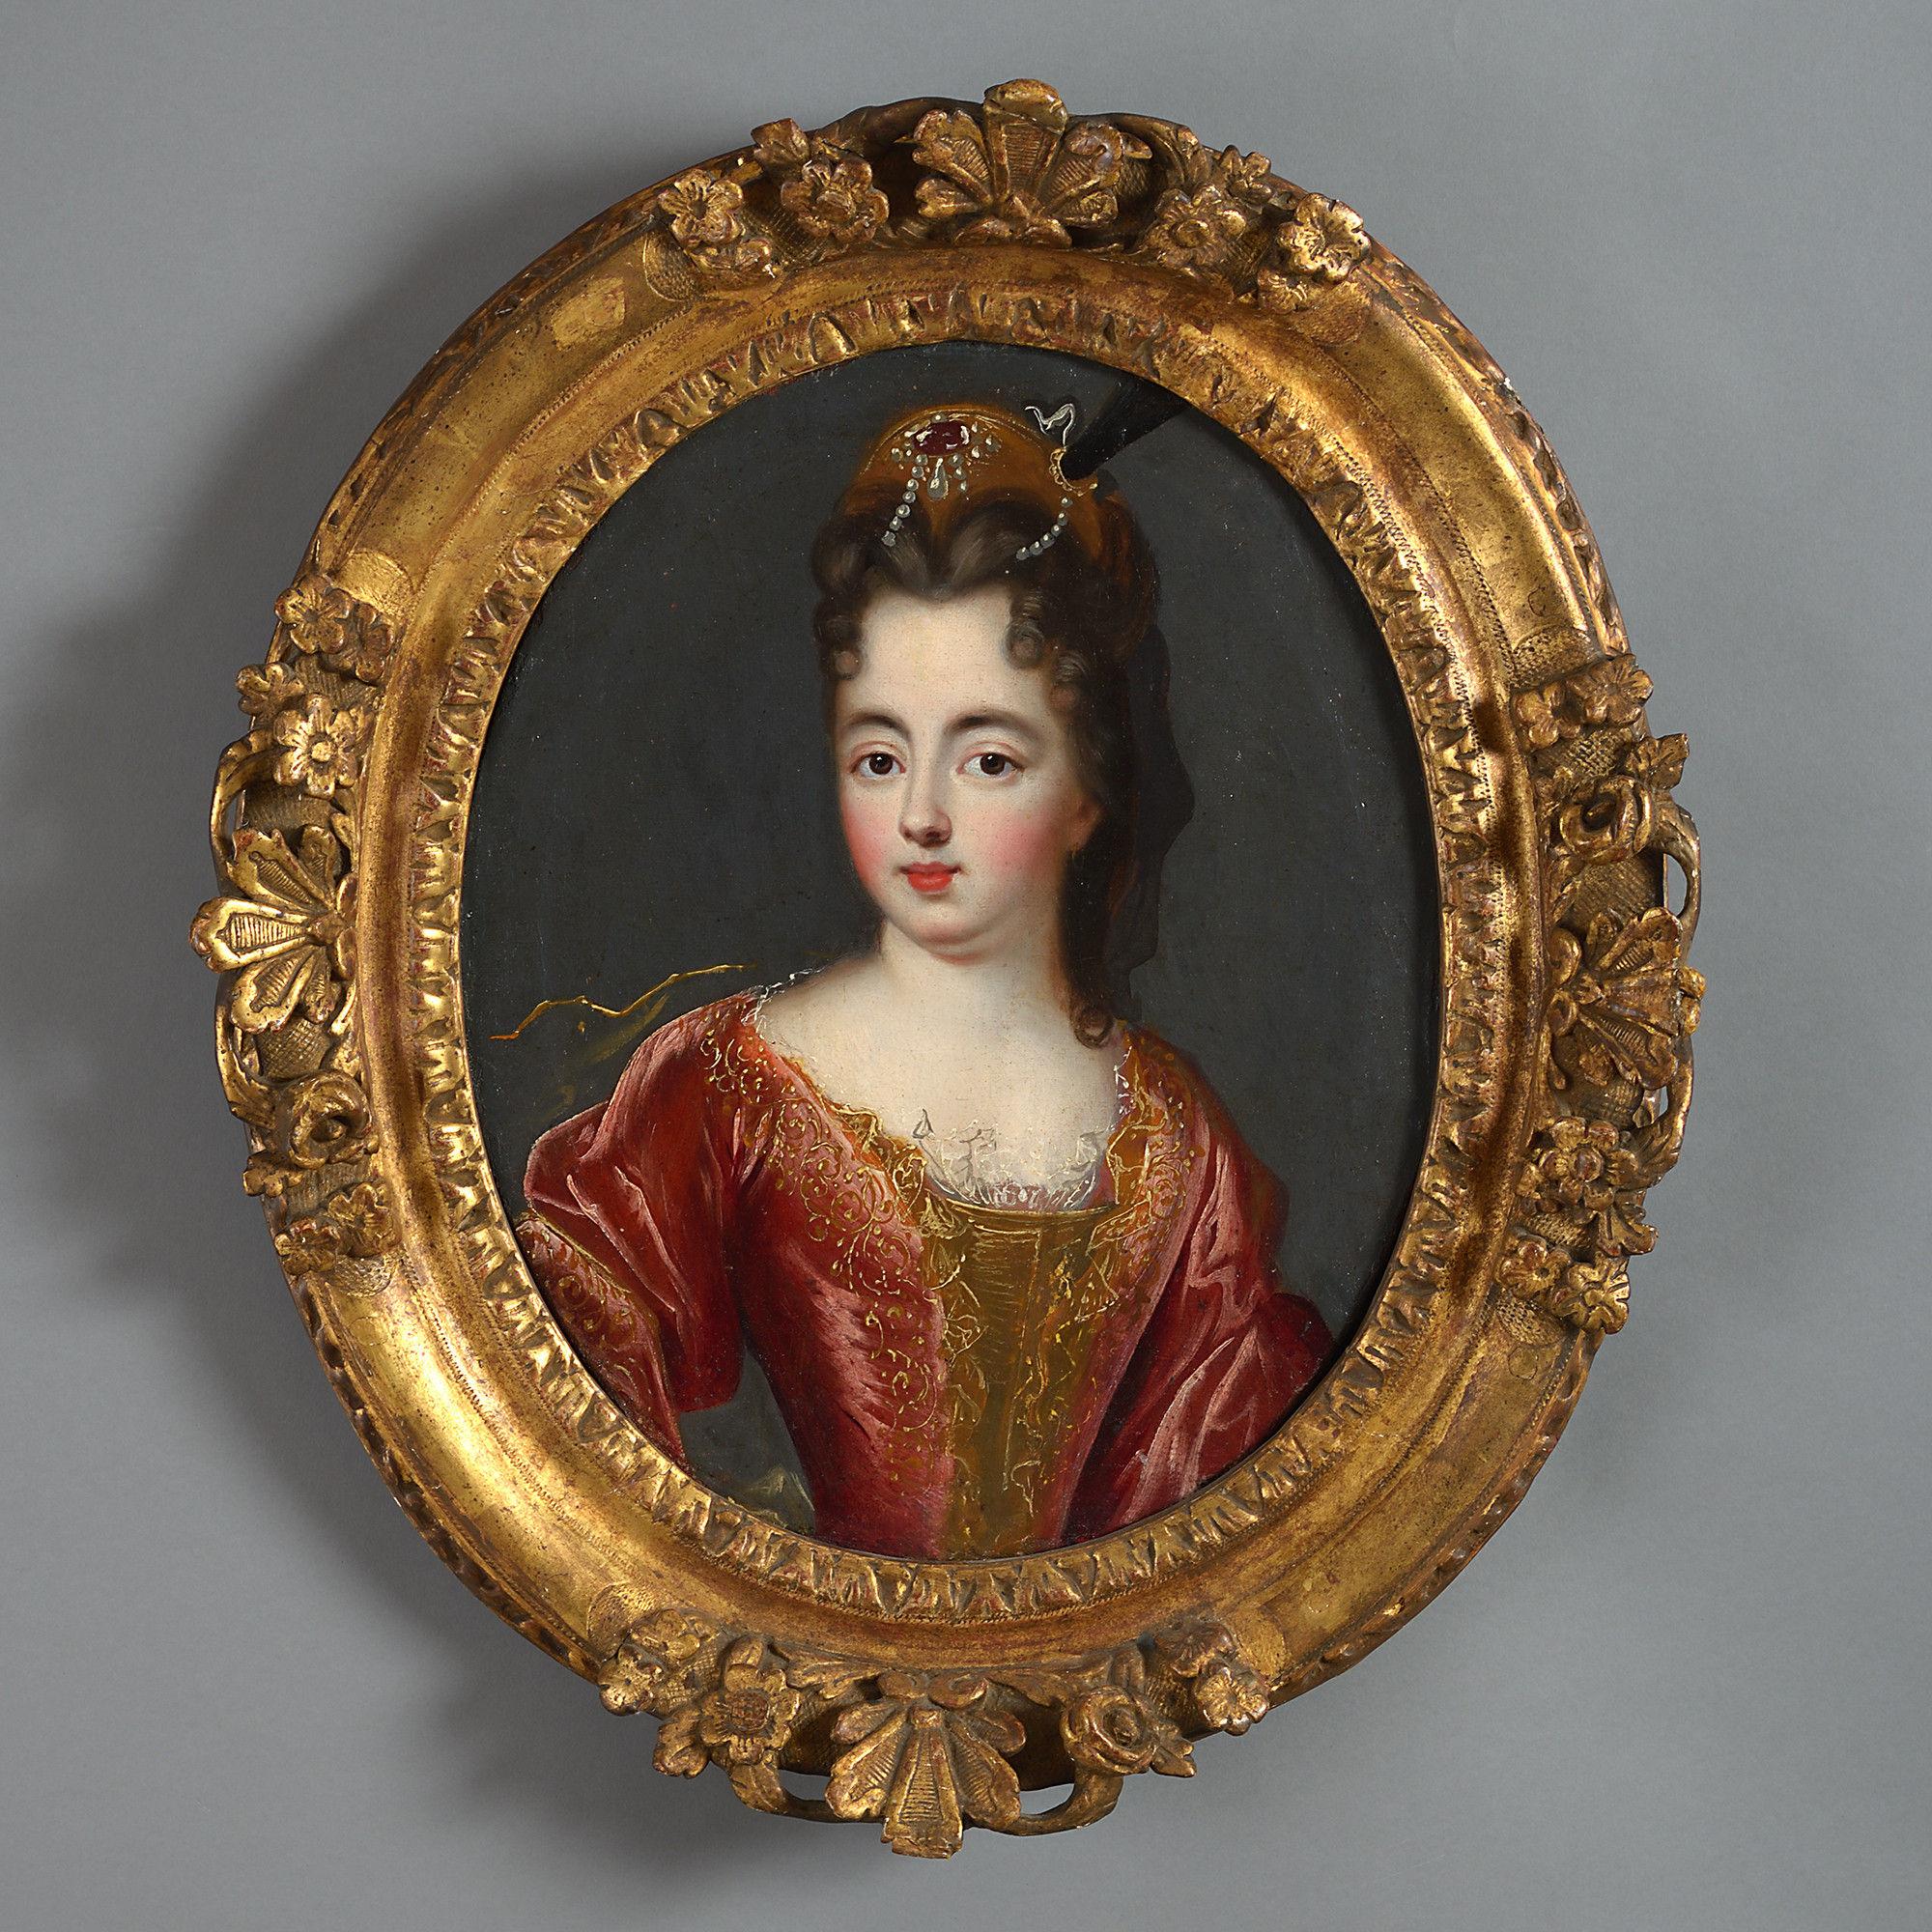 Portrait of Louise Francoise de Bourbon, Circle of Francois de Troy